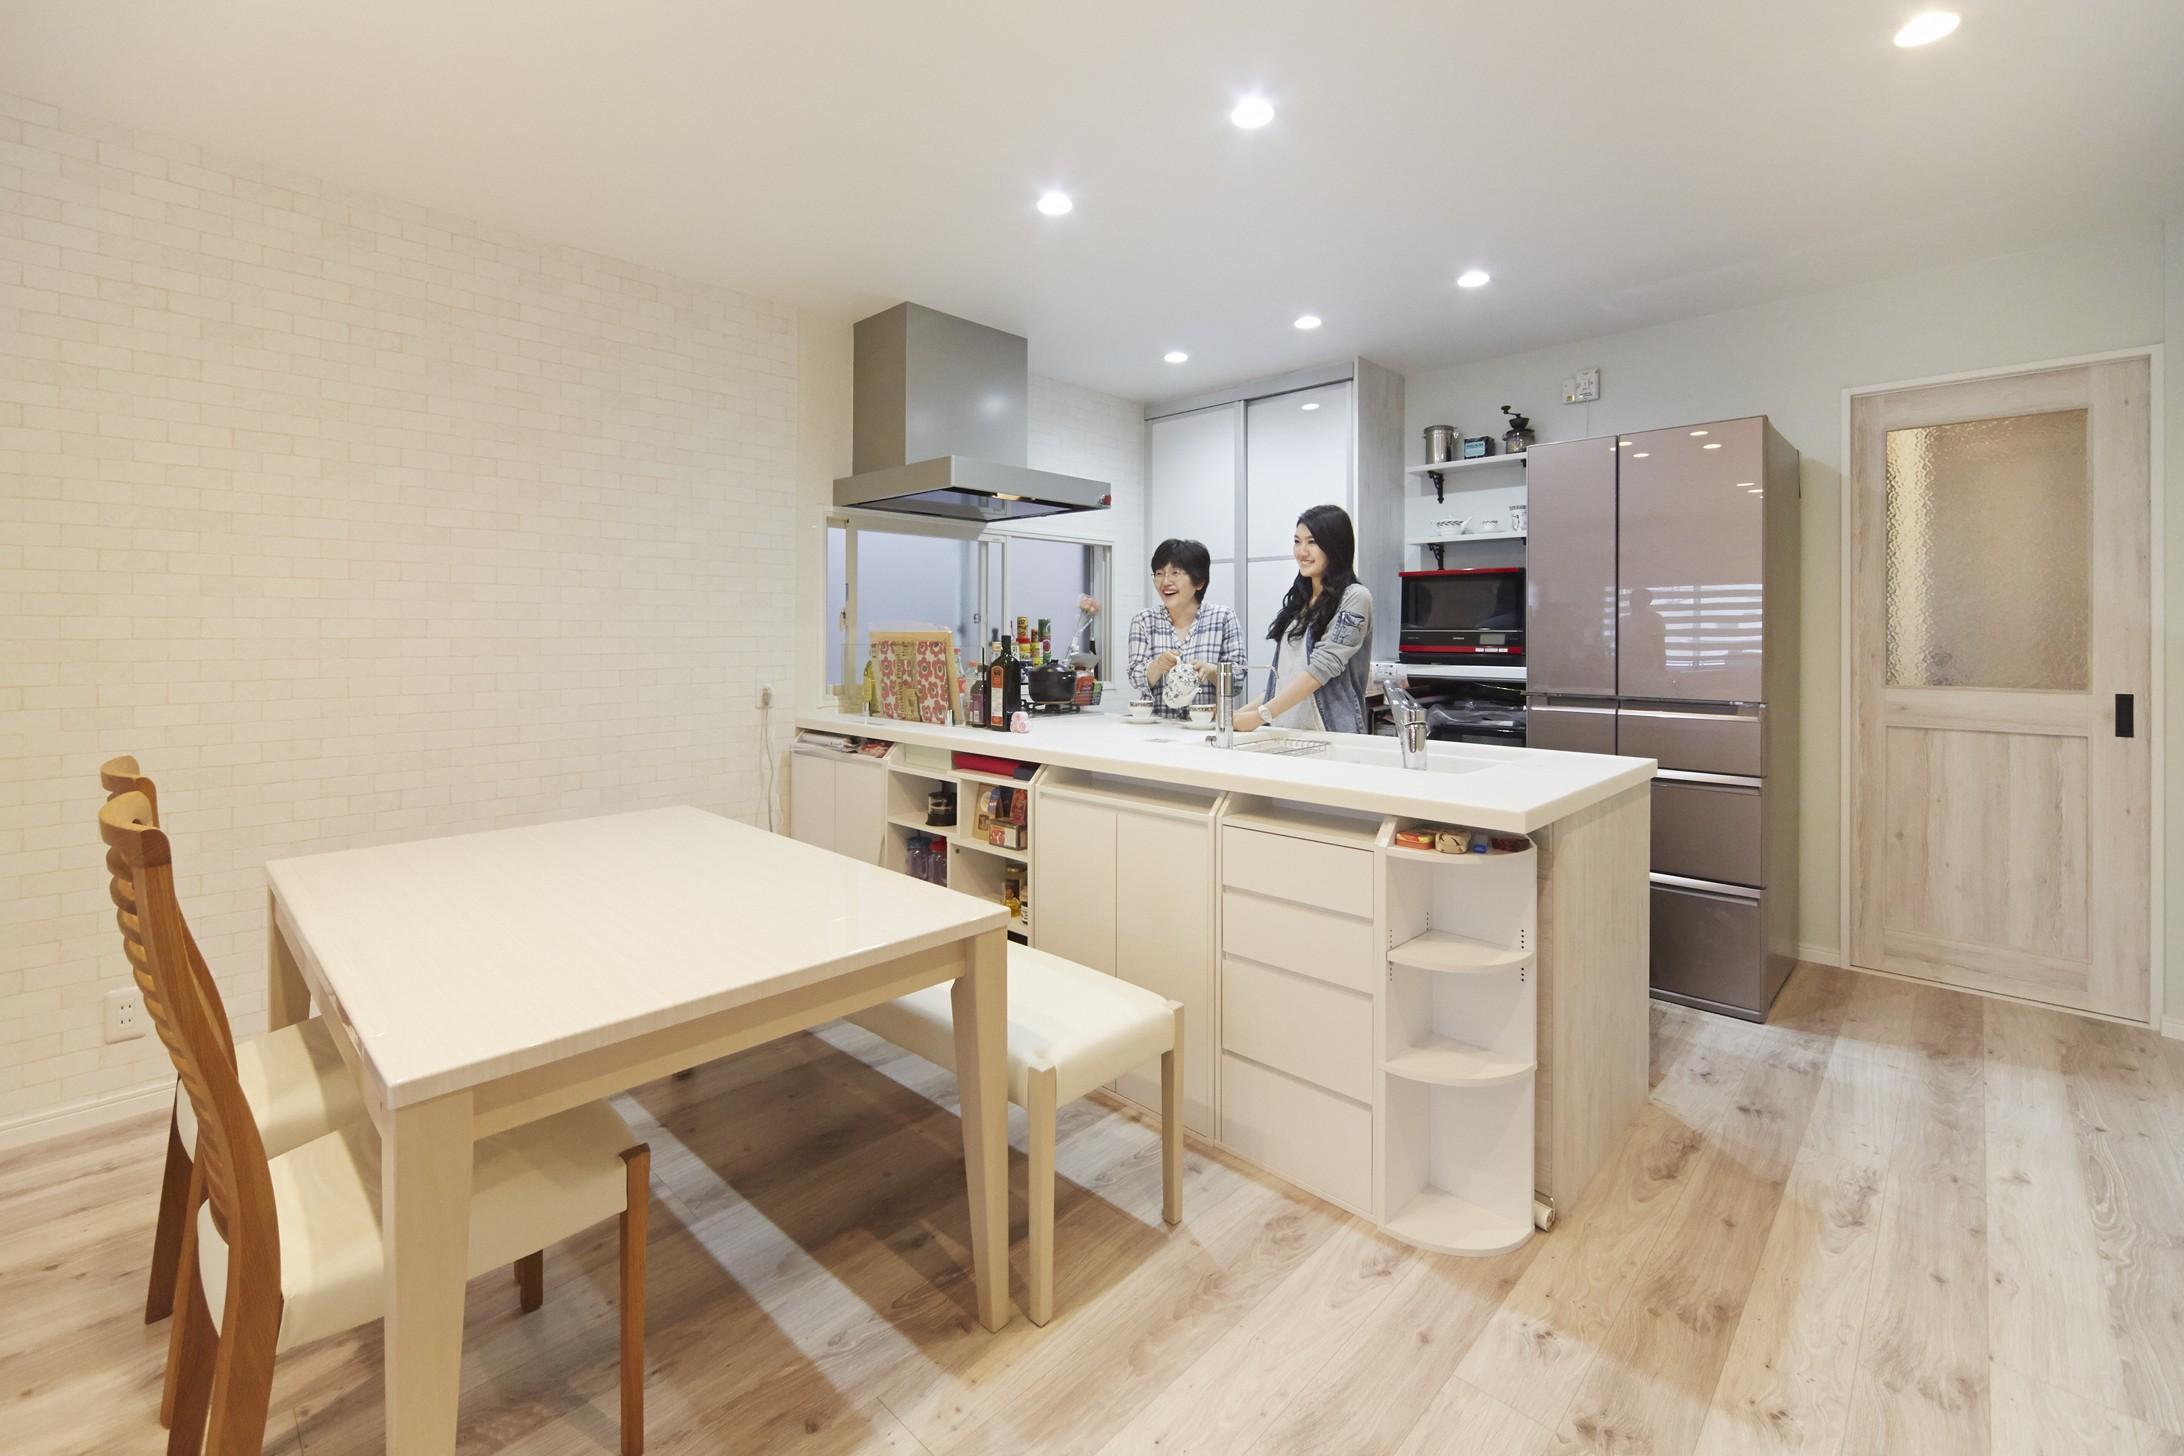 キッチン事例:独立キッチンから家族と会話も弾む対面キッチンへ(理想の北欧ナチュラルが実現した家族の笑顔が満ちる家)